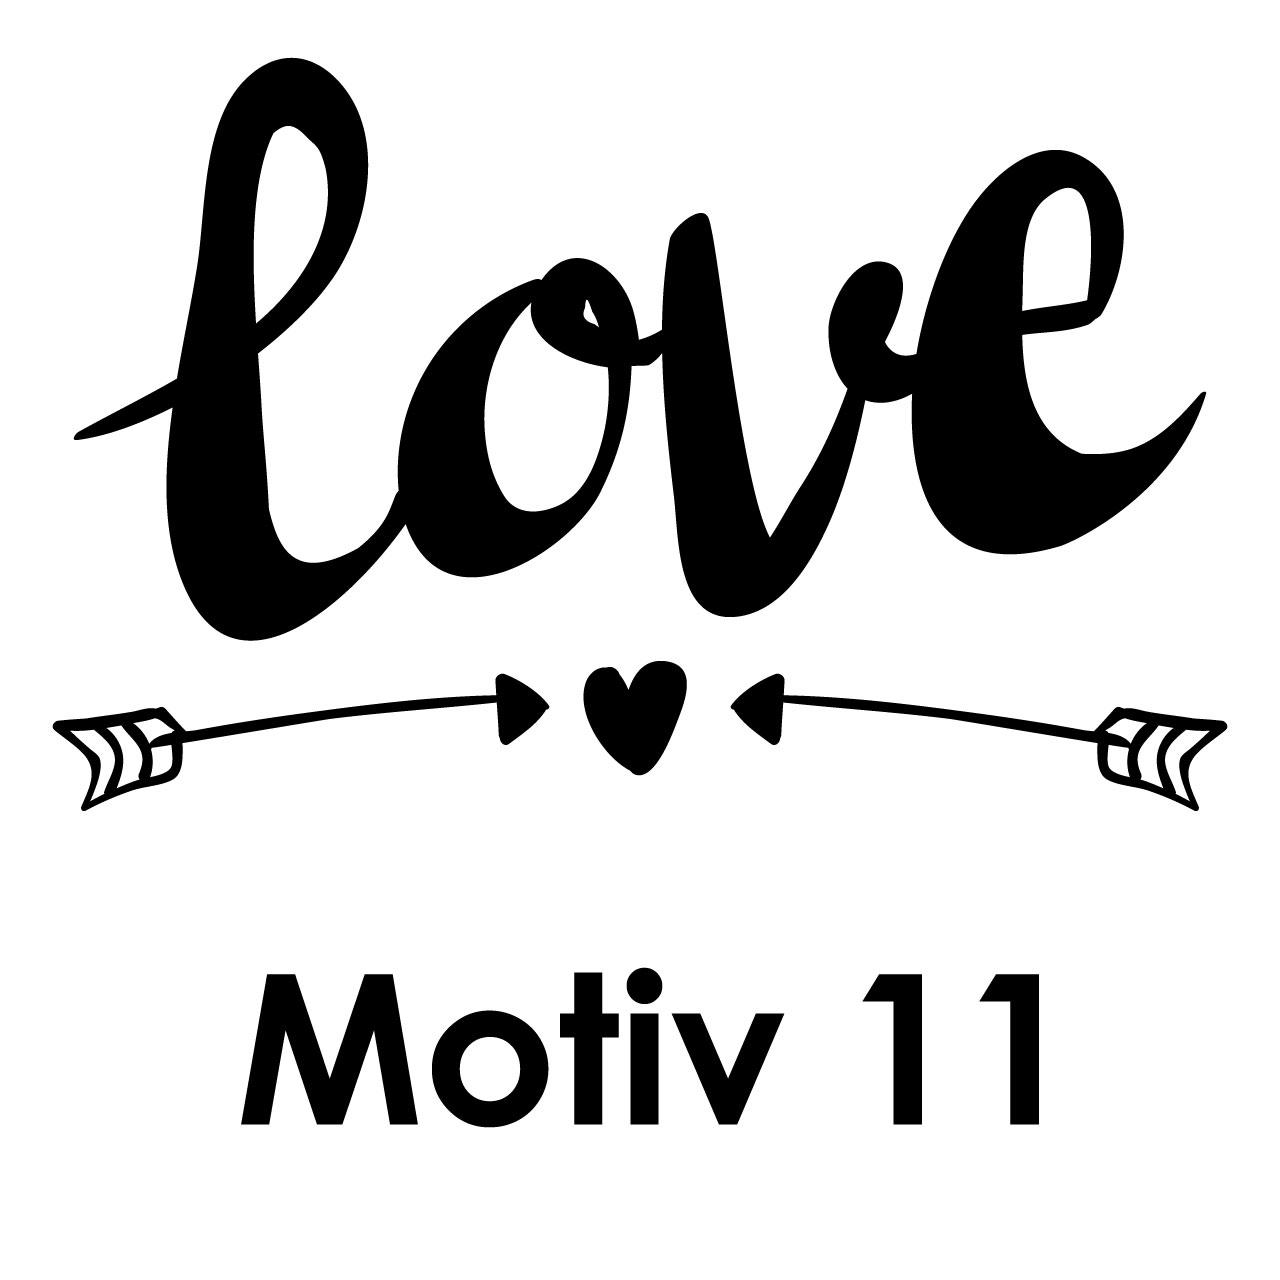 Motiv11